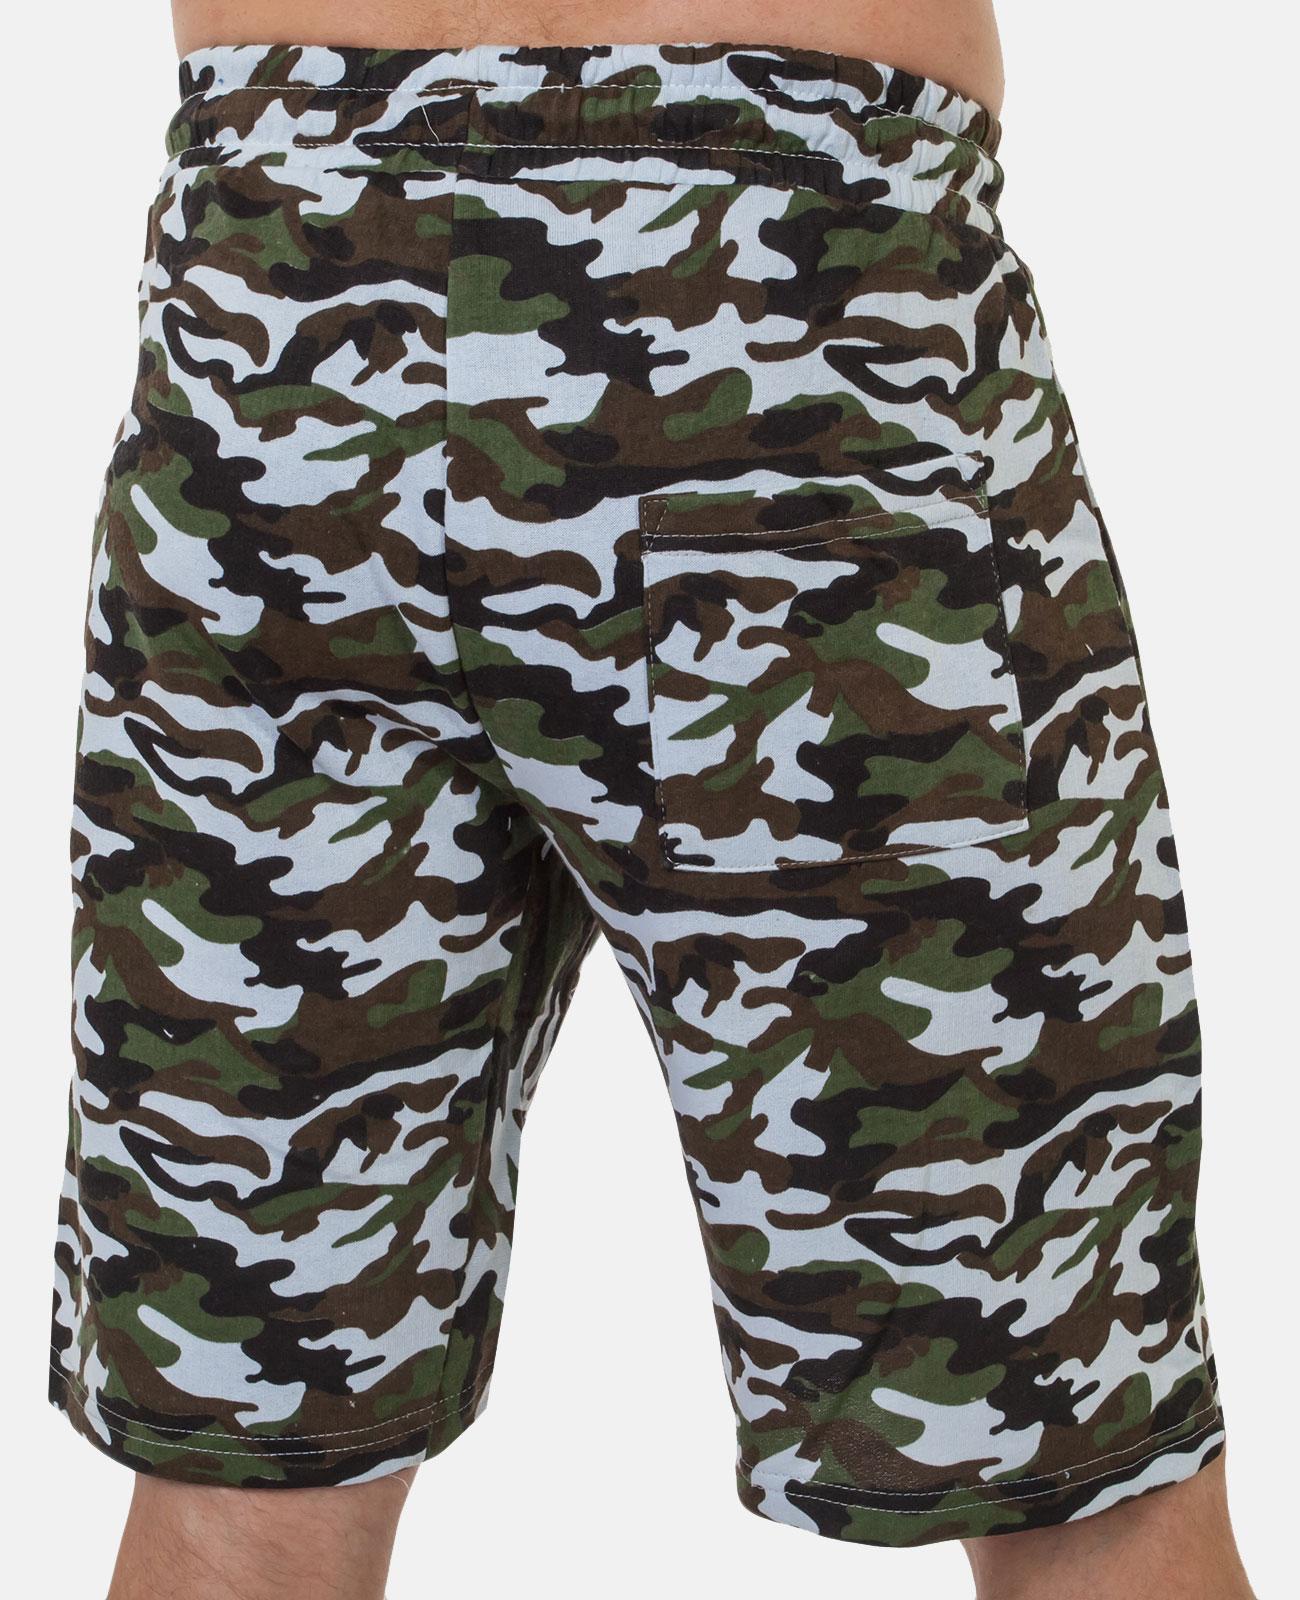 Заказать летние мужские шорты в камуфляжной расцветке с шевроном ПС